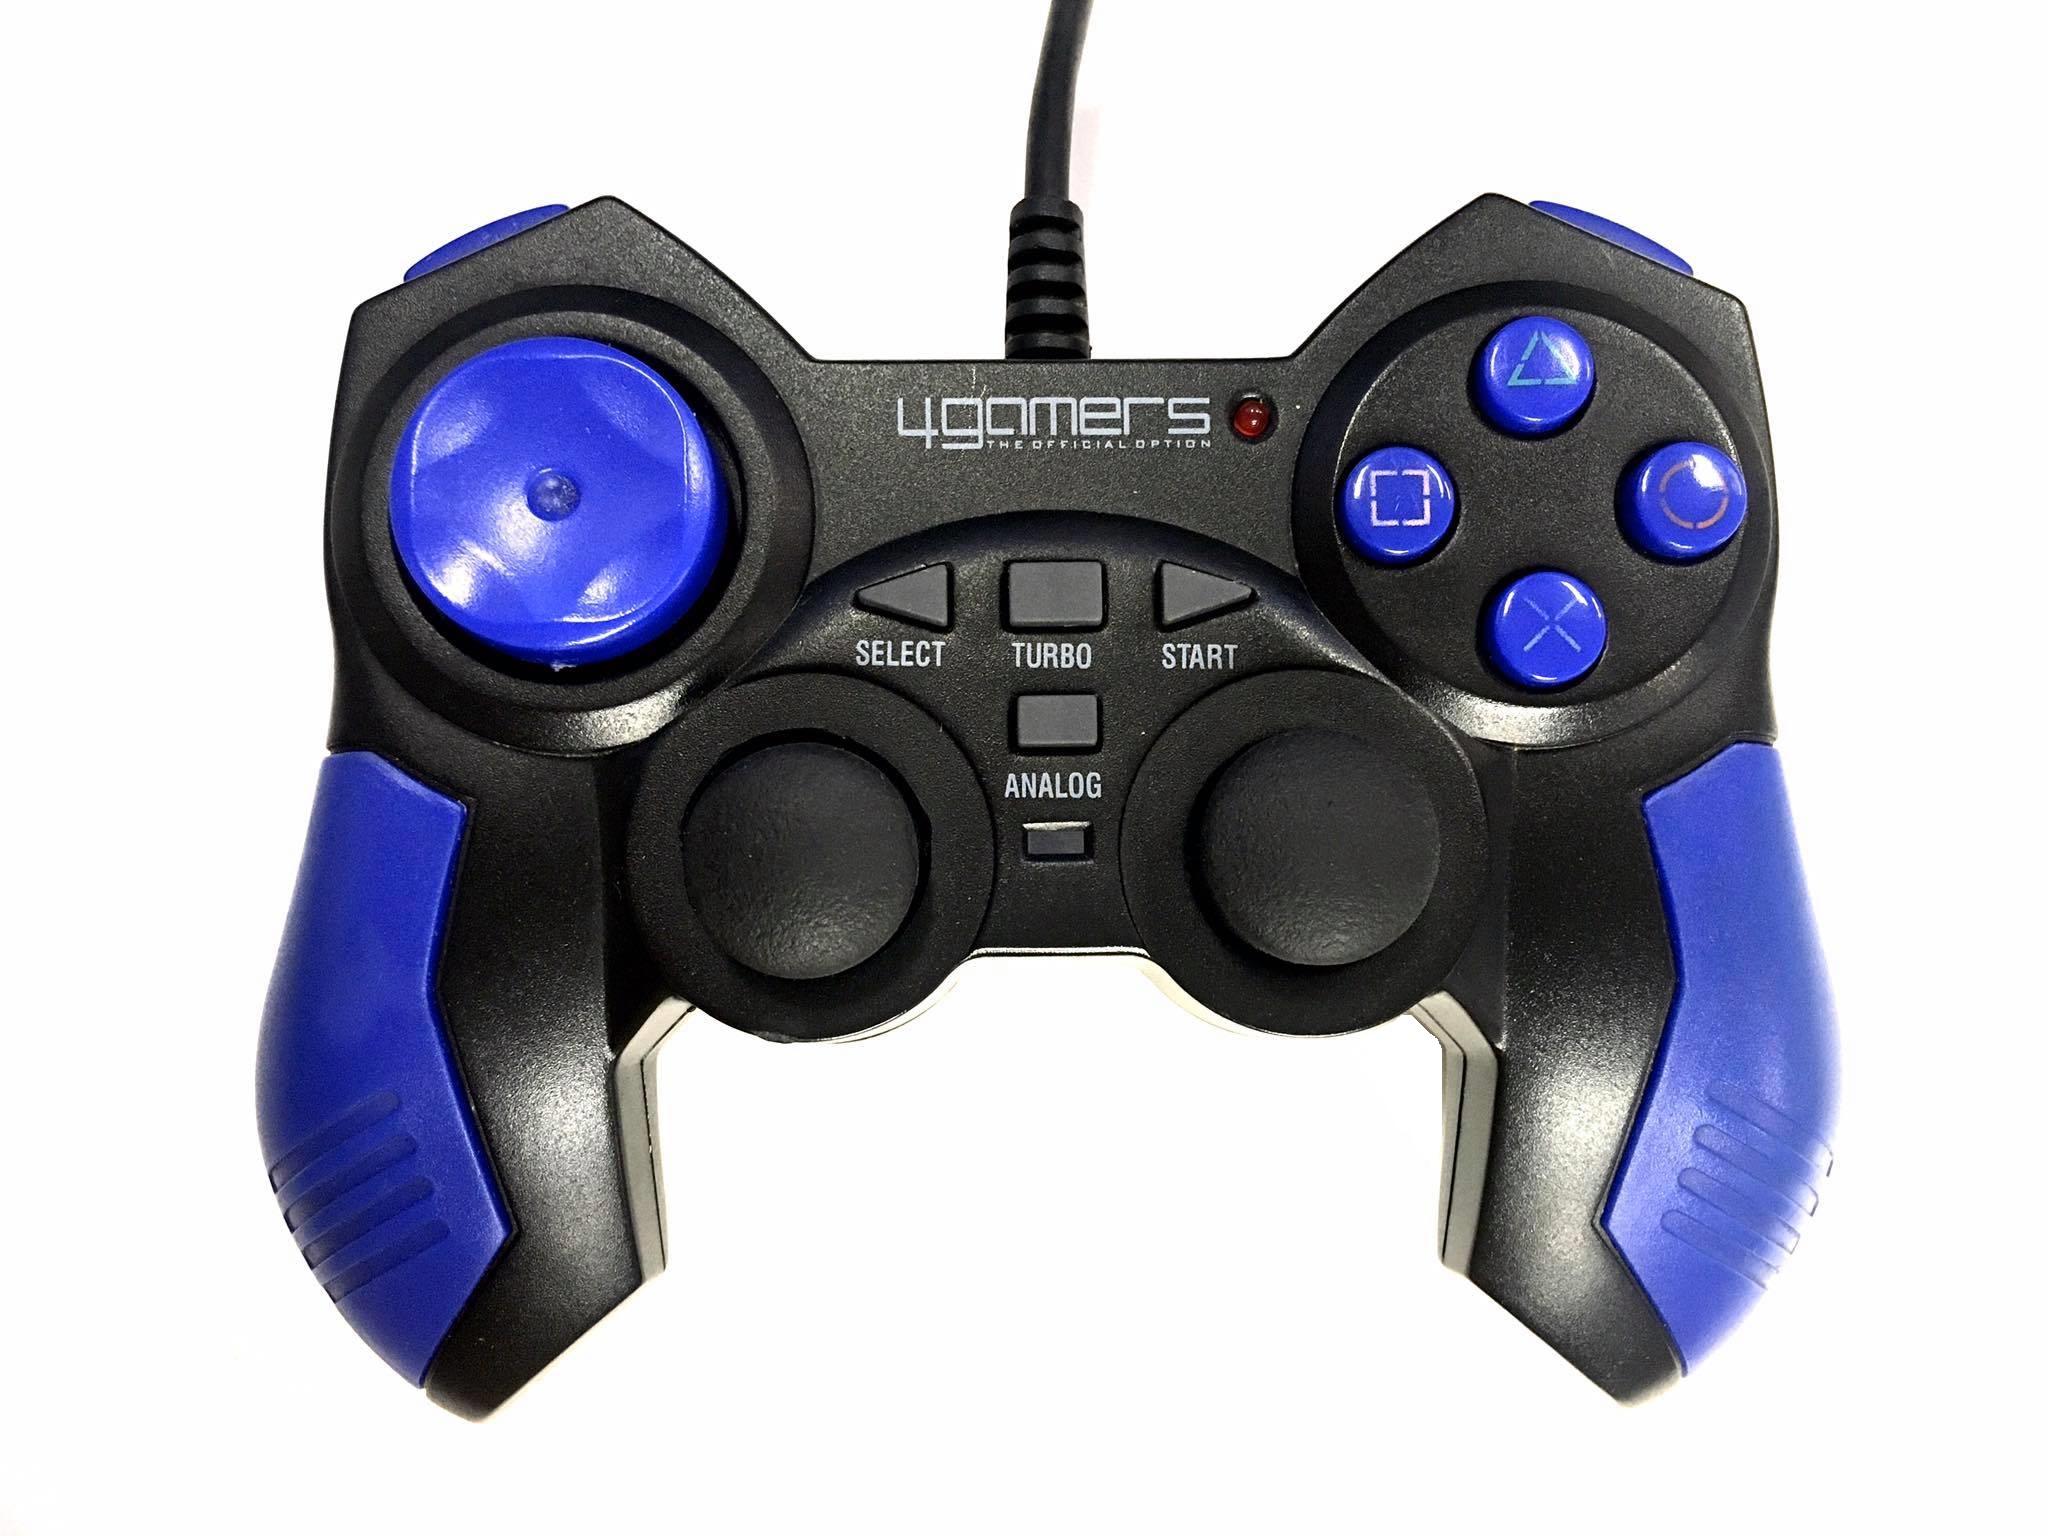 [PS2] Drátový Ovladač 4Gamers - černý (estetická vada)